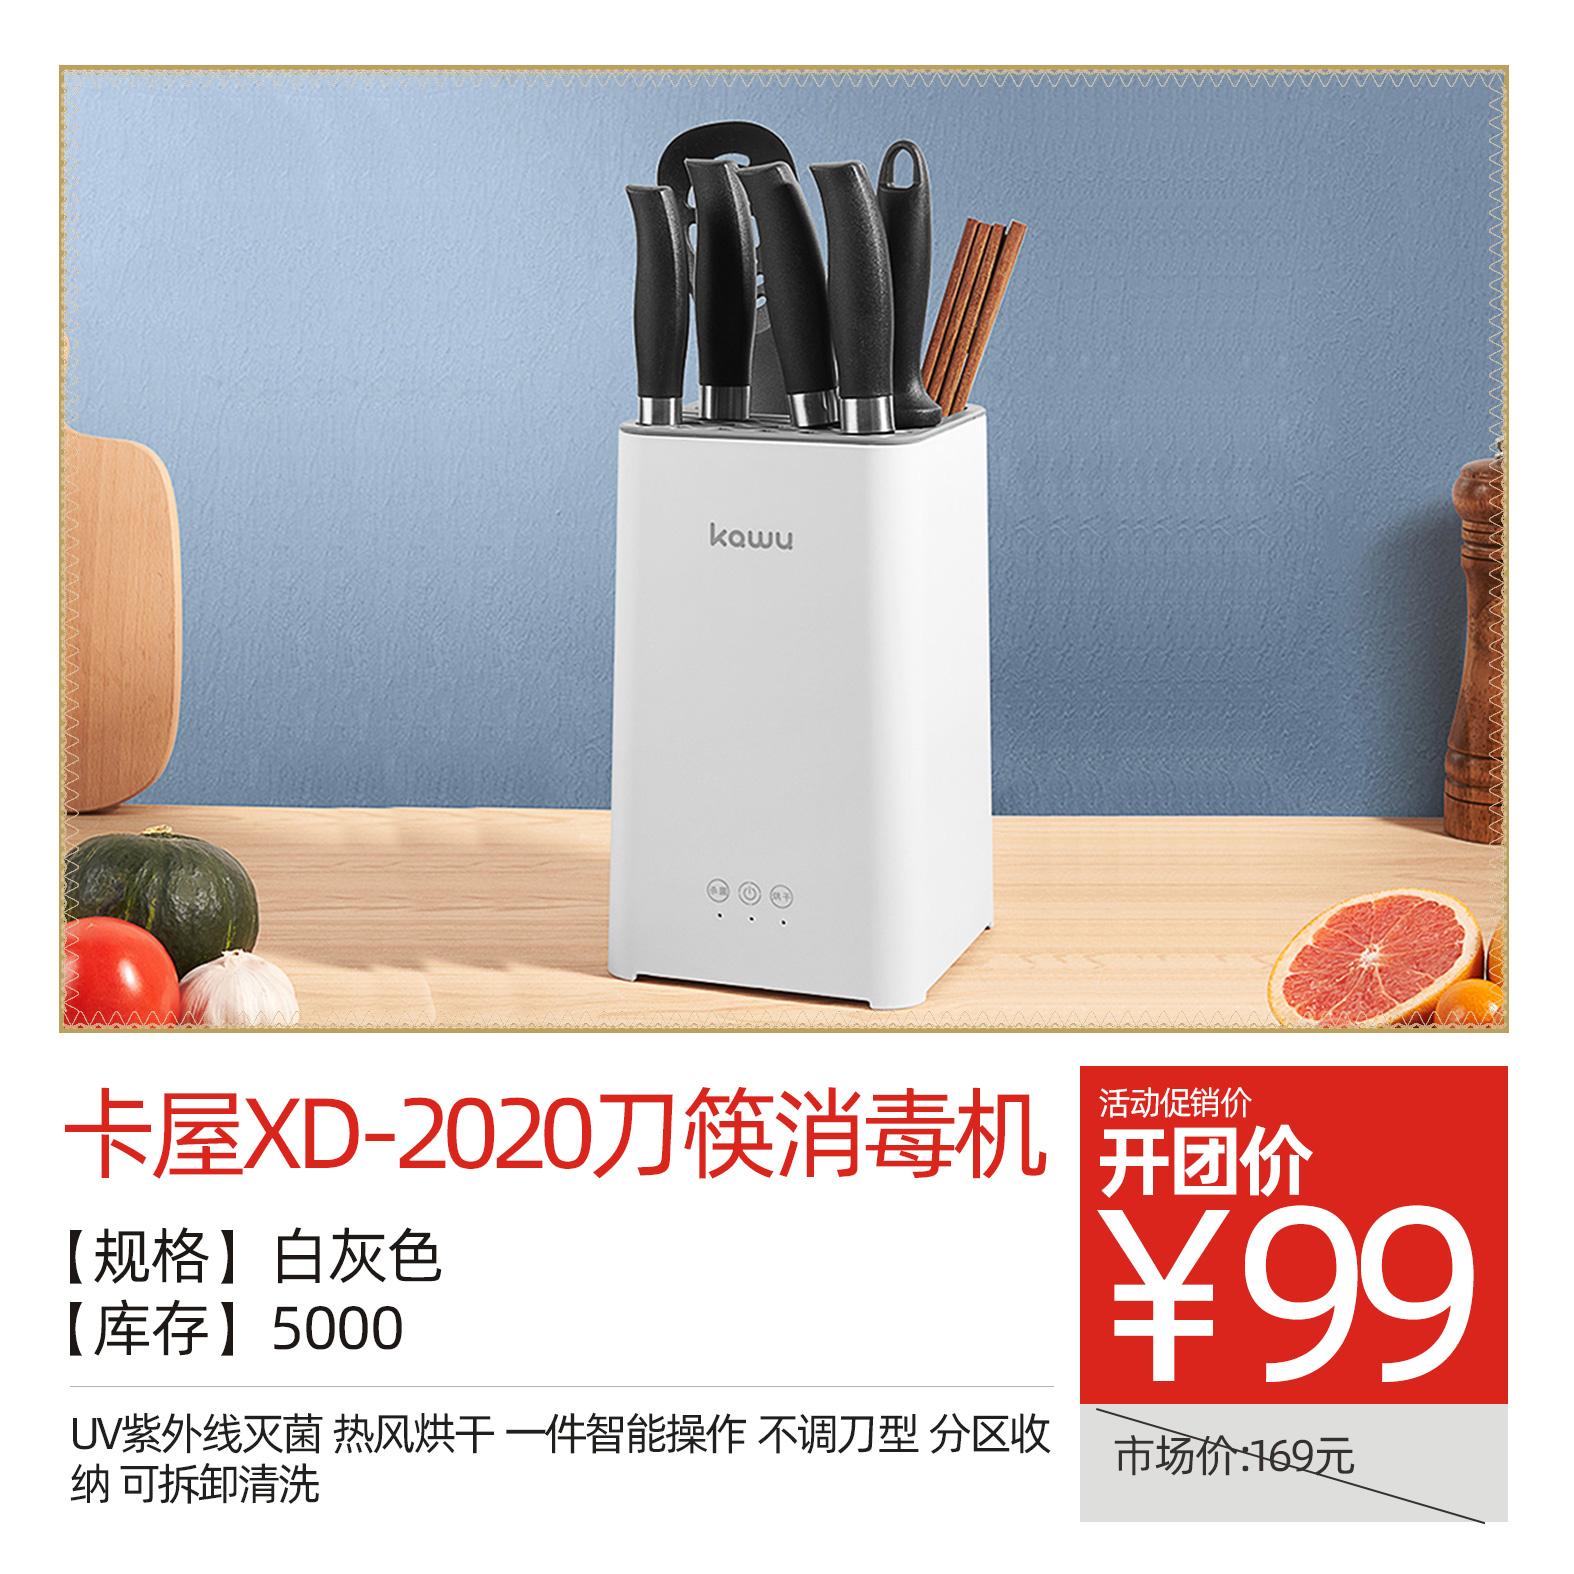 卡屋XD-2020刀筷消毒机